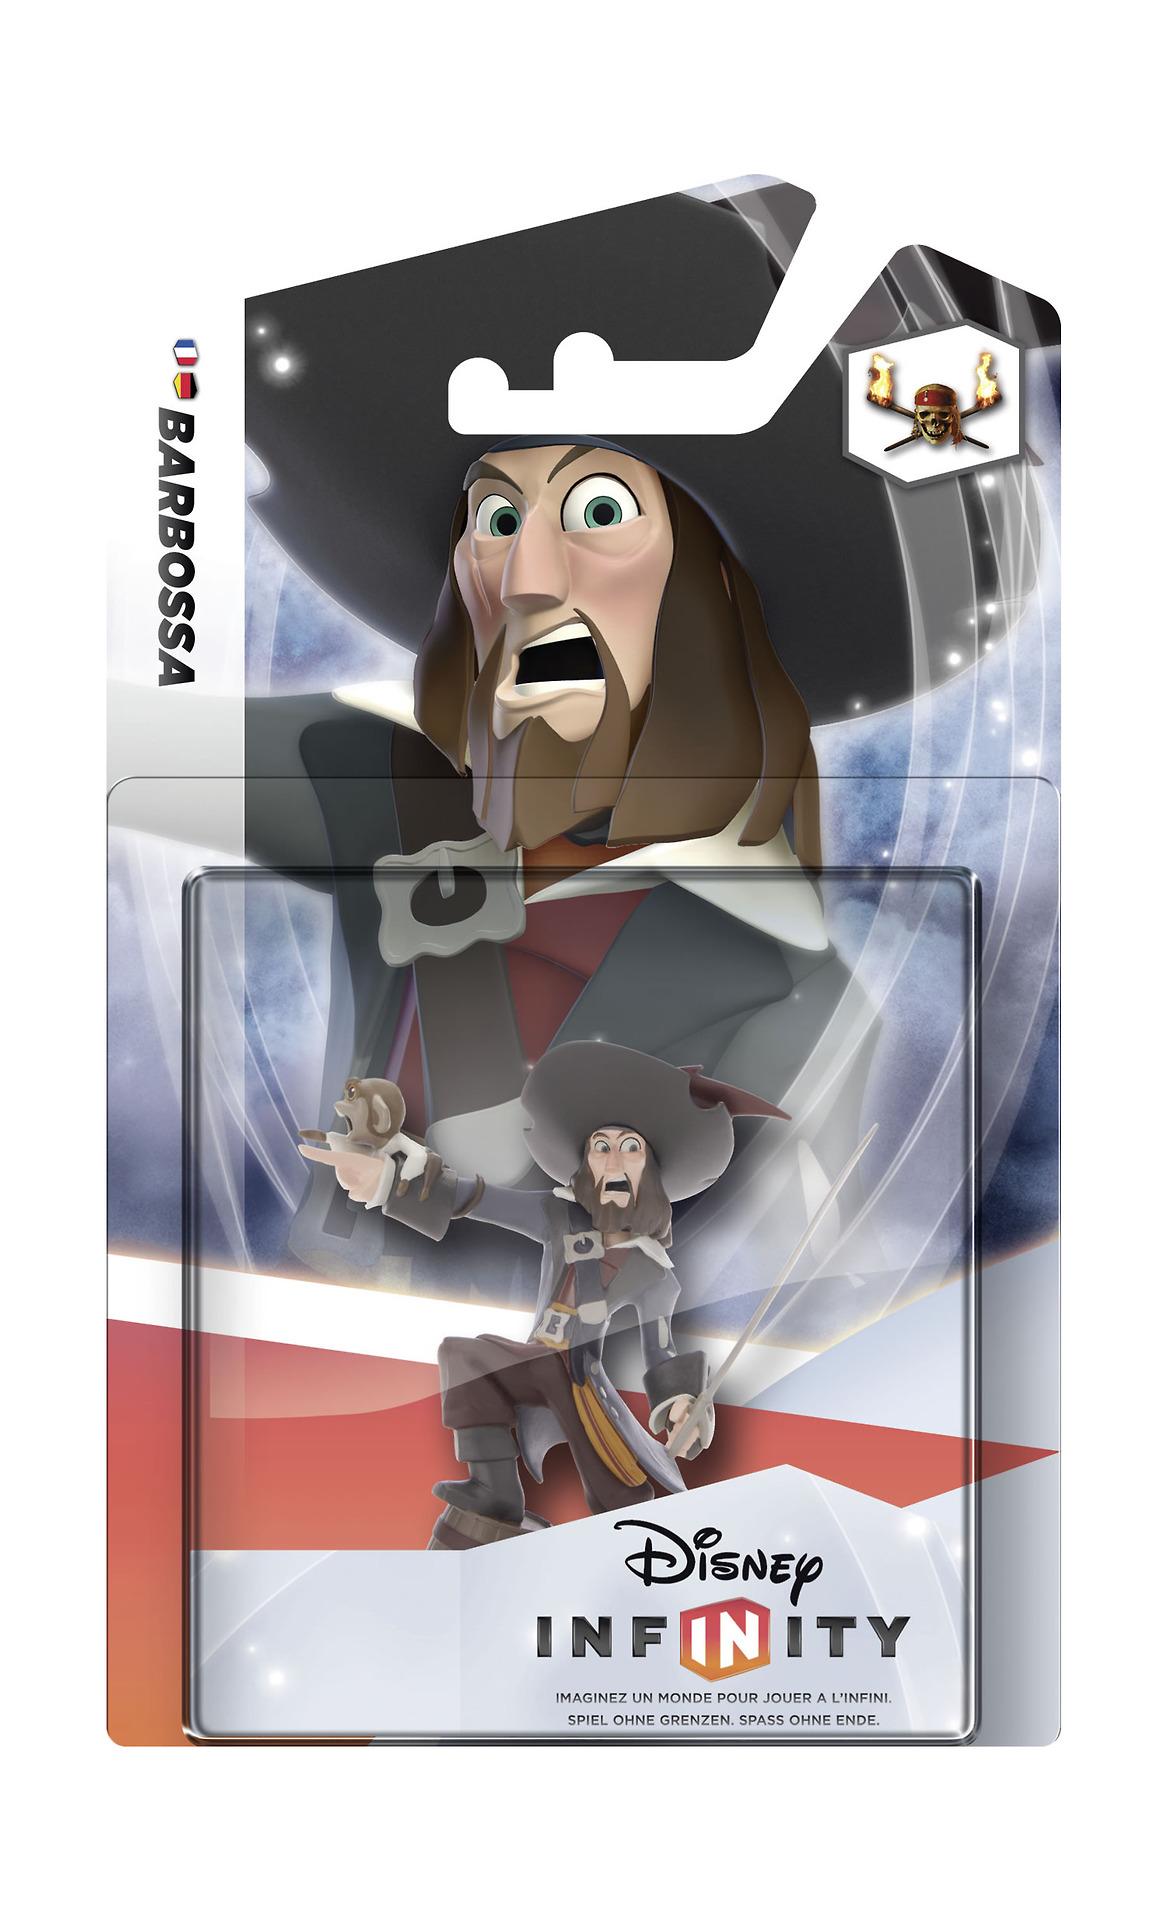 Disney Disney Infinity: Figurka Barbossa (Piráti)